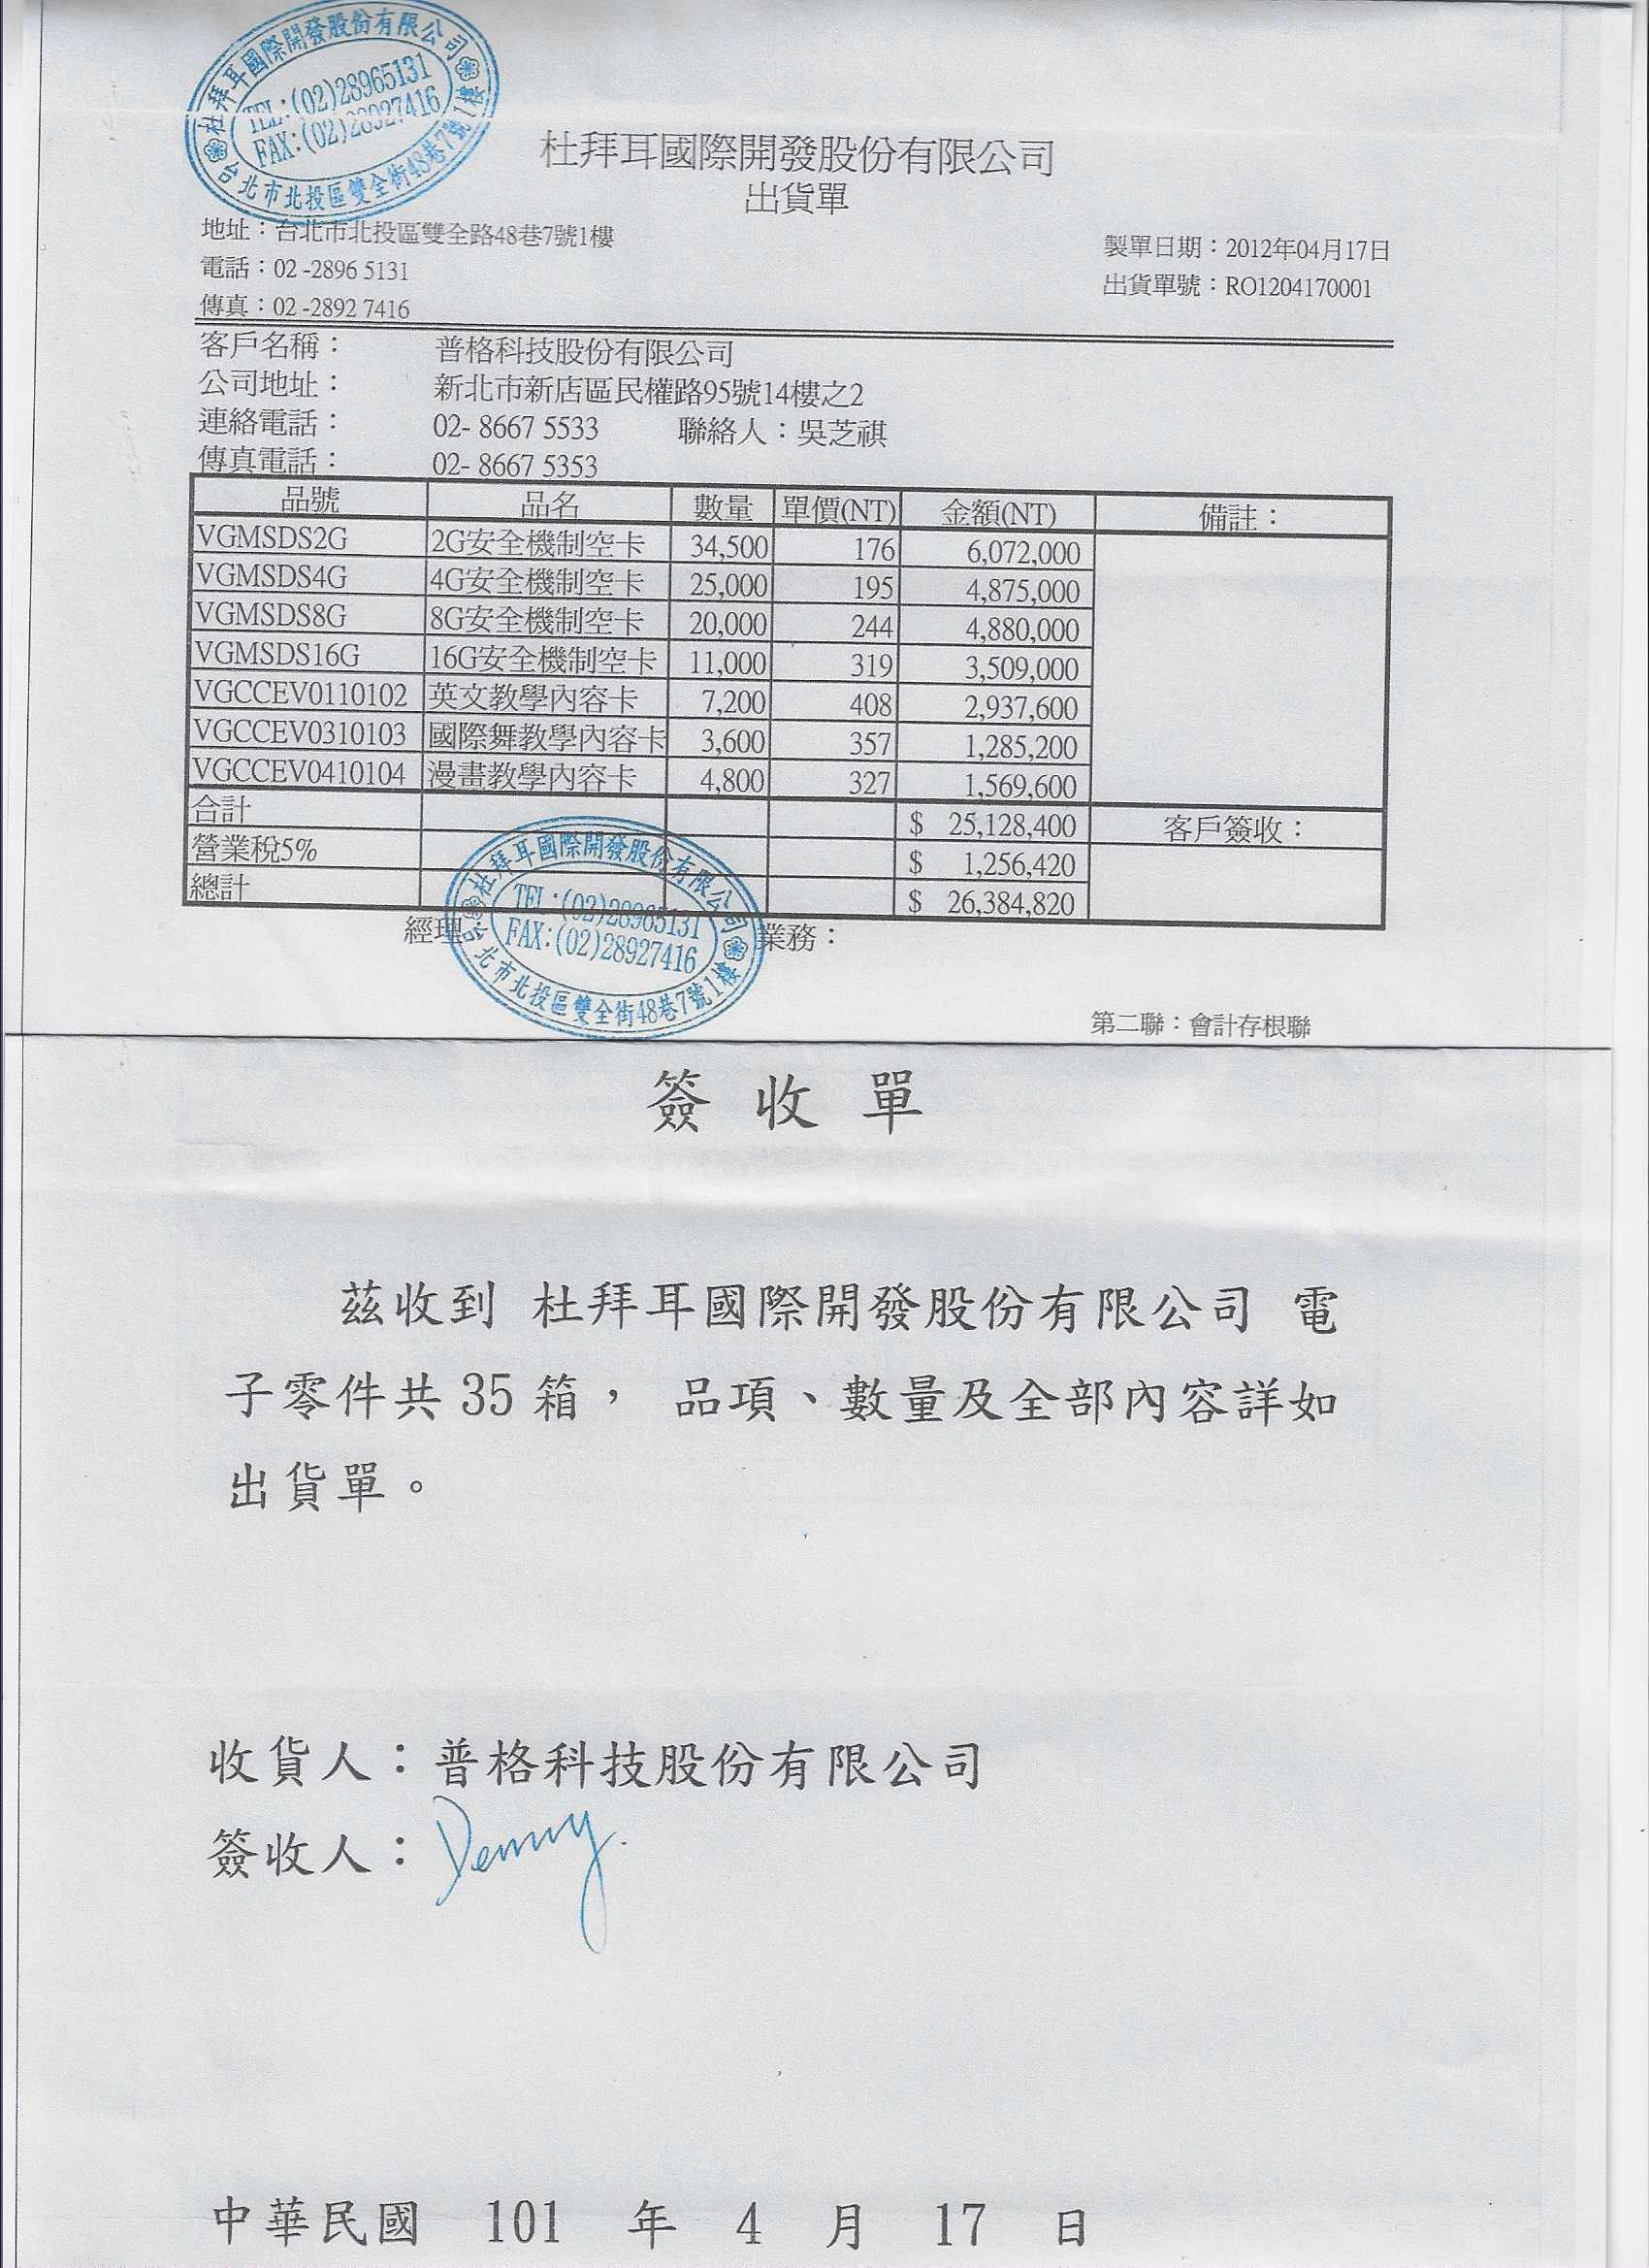 圖片說明:張芳源提供與普格公司之出貨及簽收單,證明是真交易而非假買賣,但卻不被法官採信,令他不解喊冤。